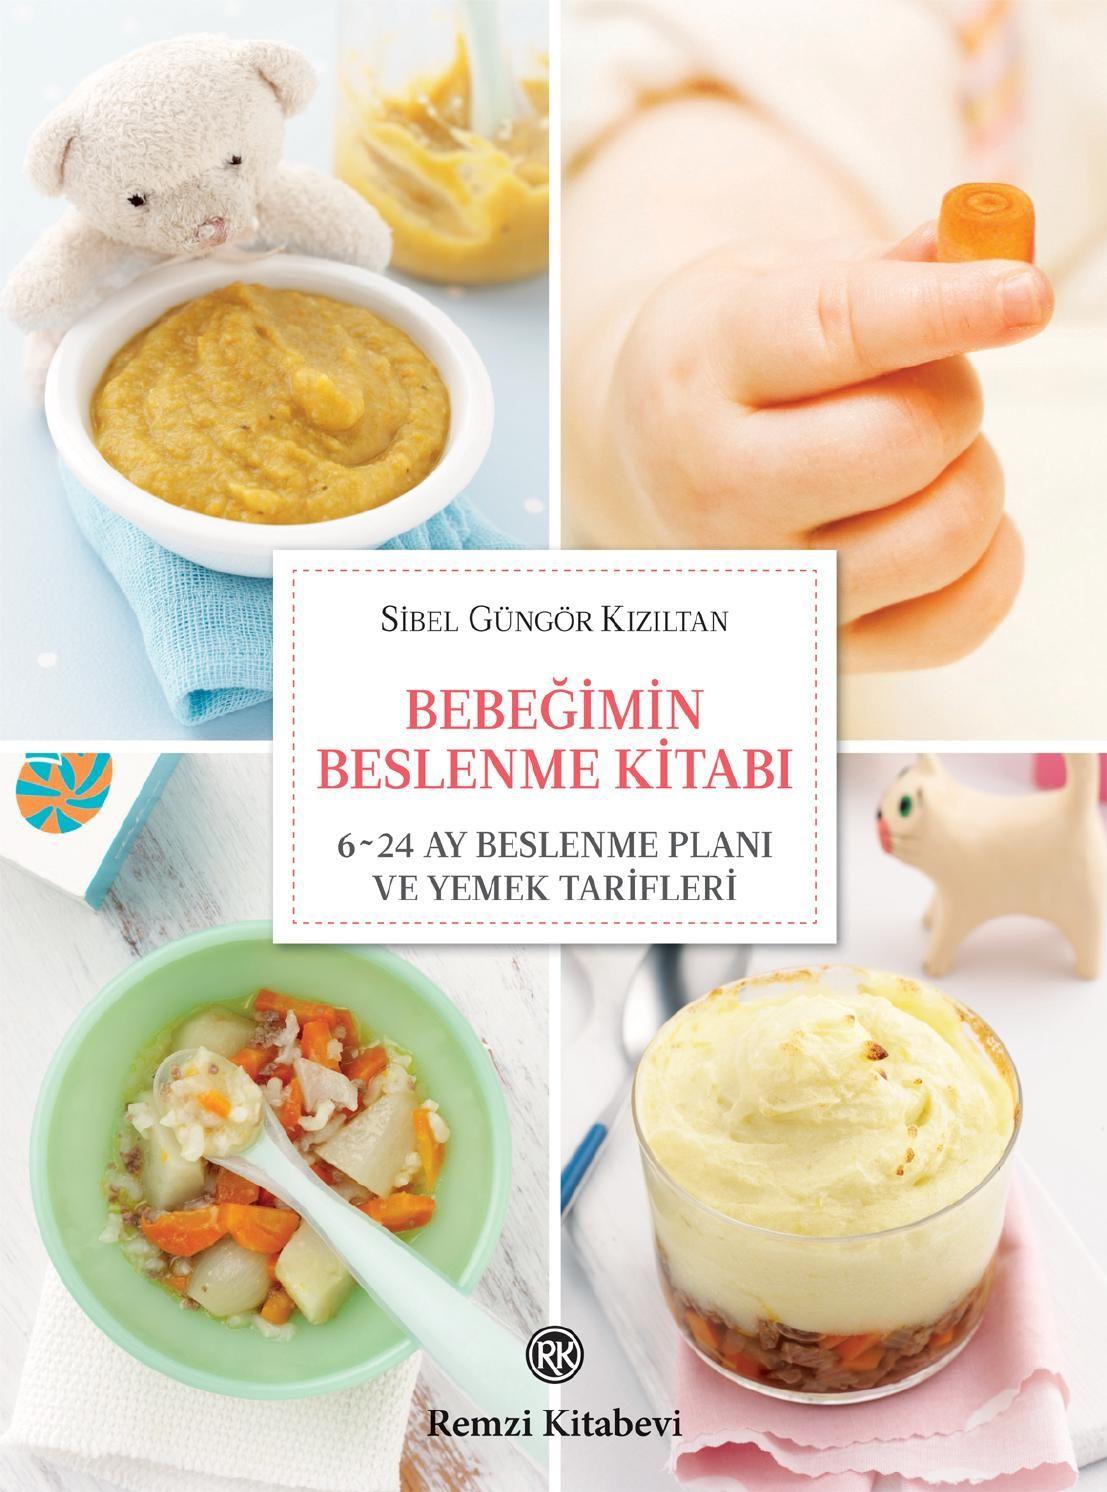 Bebek Omleti Tarifi – Bebek Yemek Tarifleri